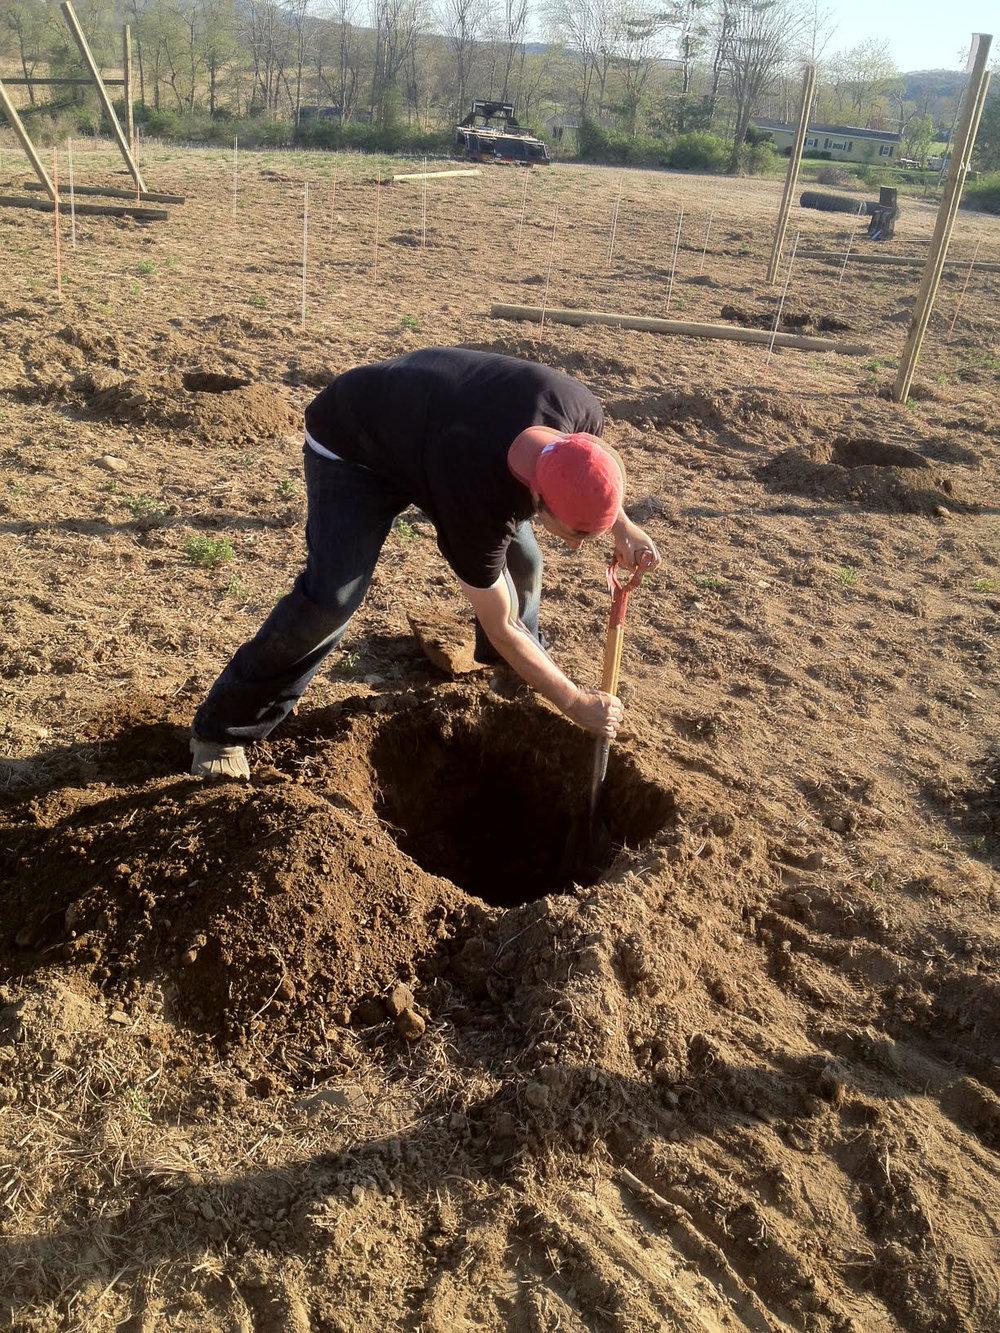 gidon digging trees.jpg